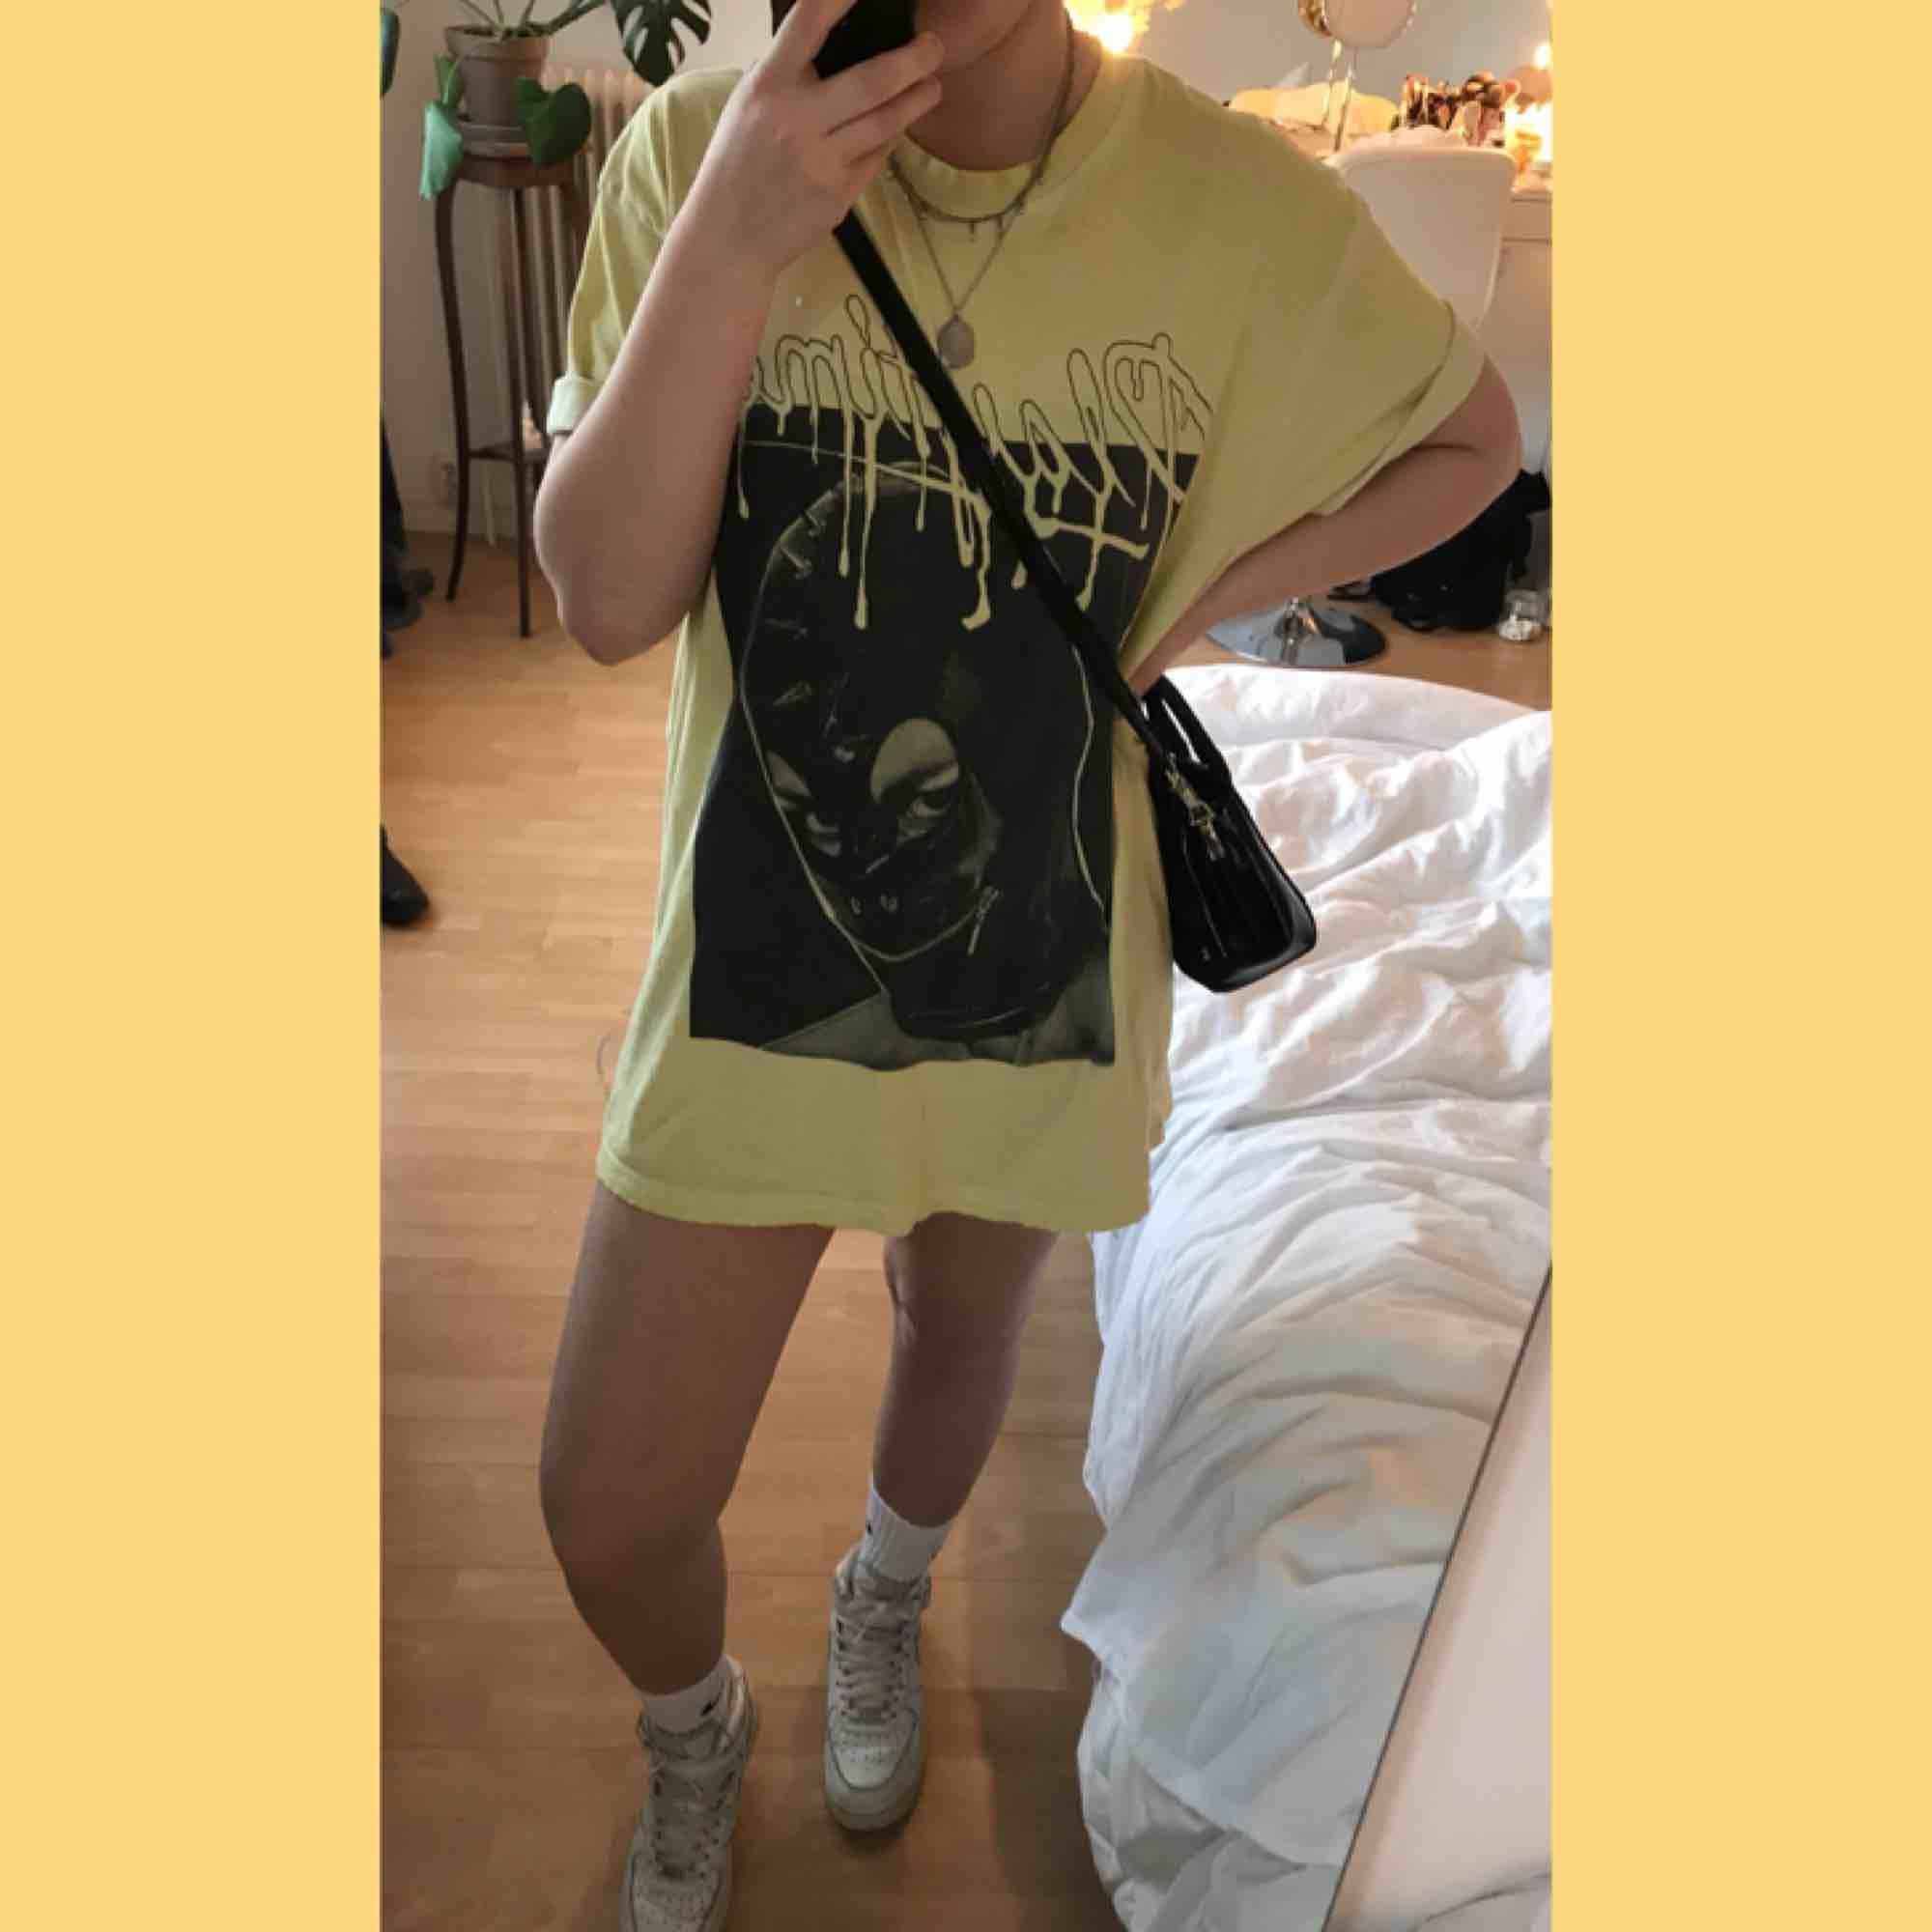 En snygg T-shorts klänning eller overzised tröja💛 storleken är L i killstorlek. T-shirts.